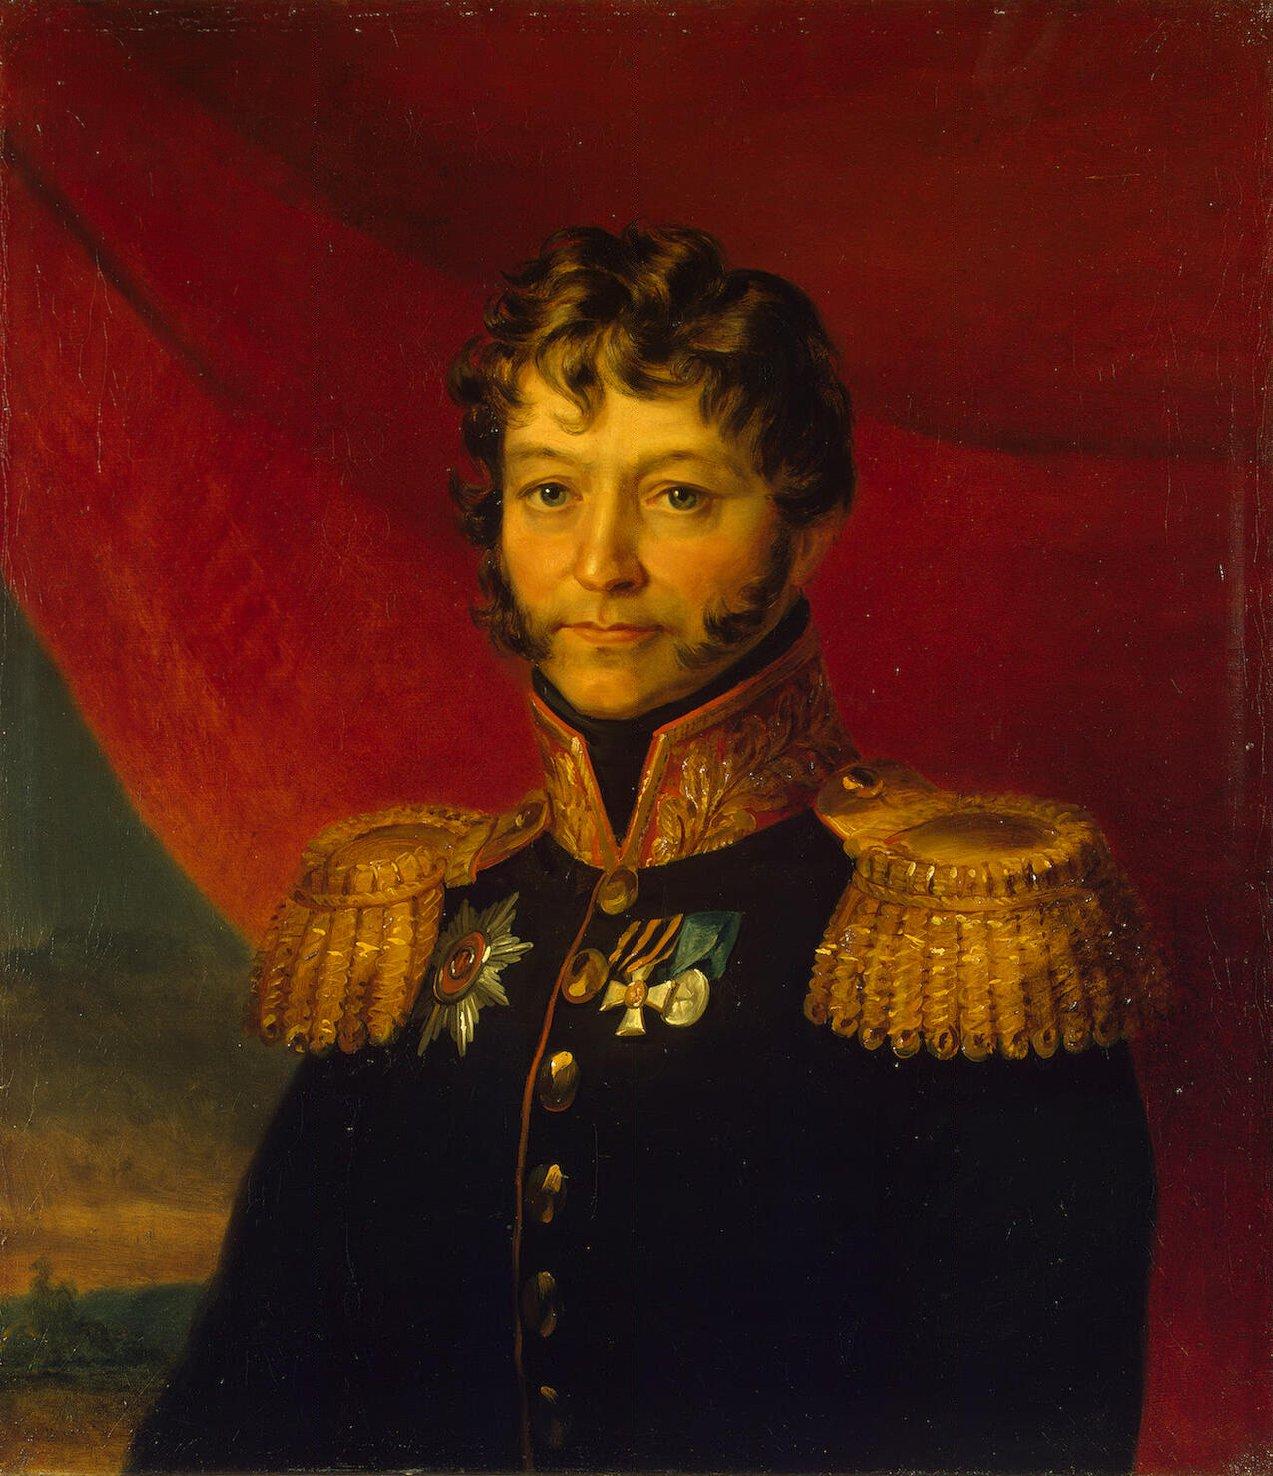 Титов, Николай Фёдорович